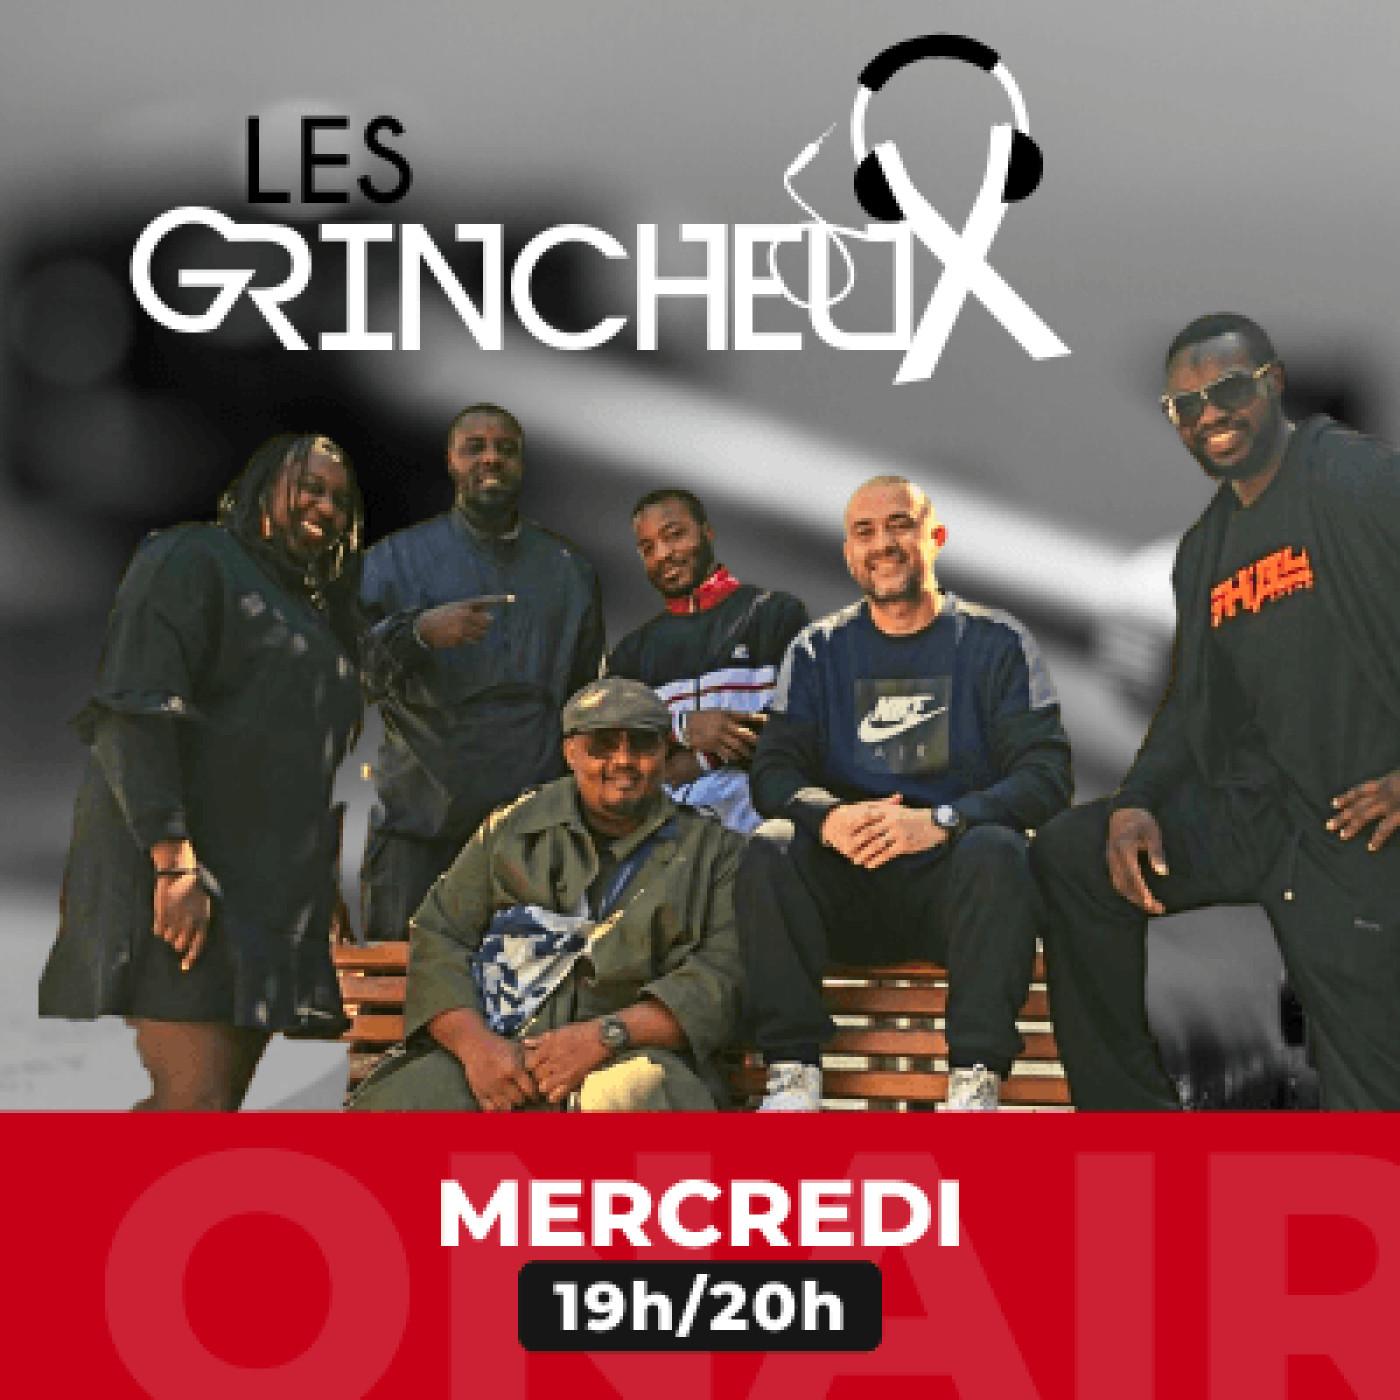 Les Grincheux (Le Griot et son équipe) (01/07/20)